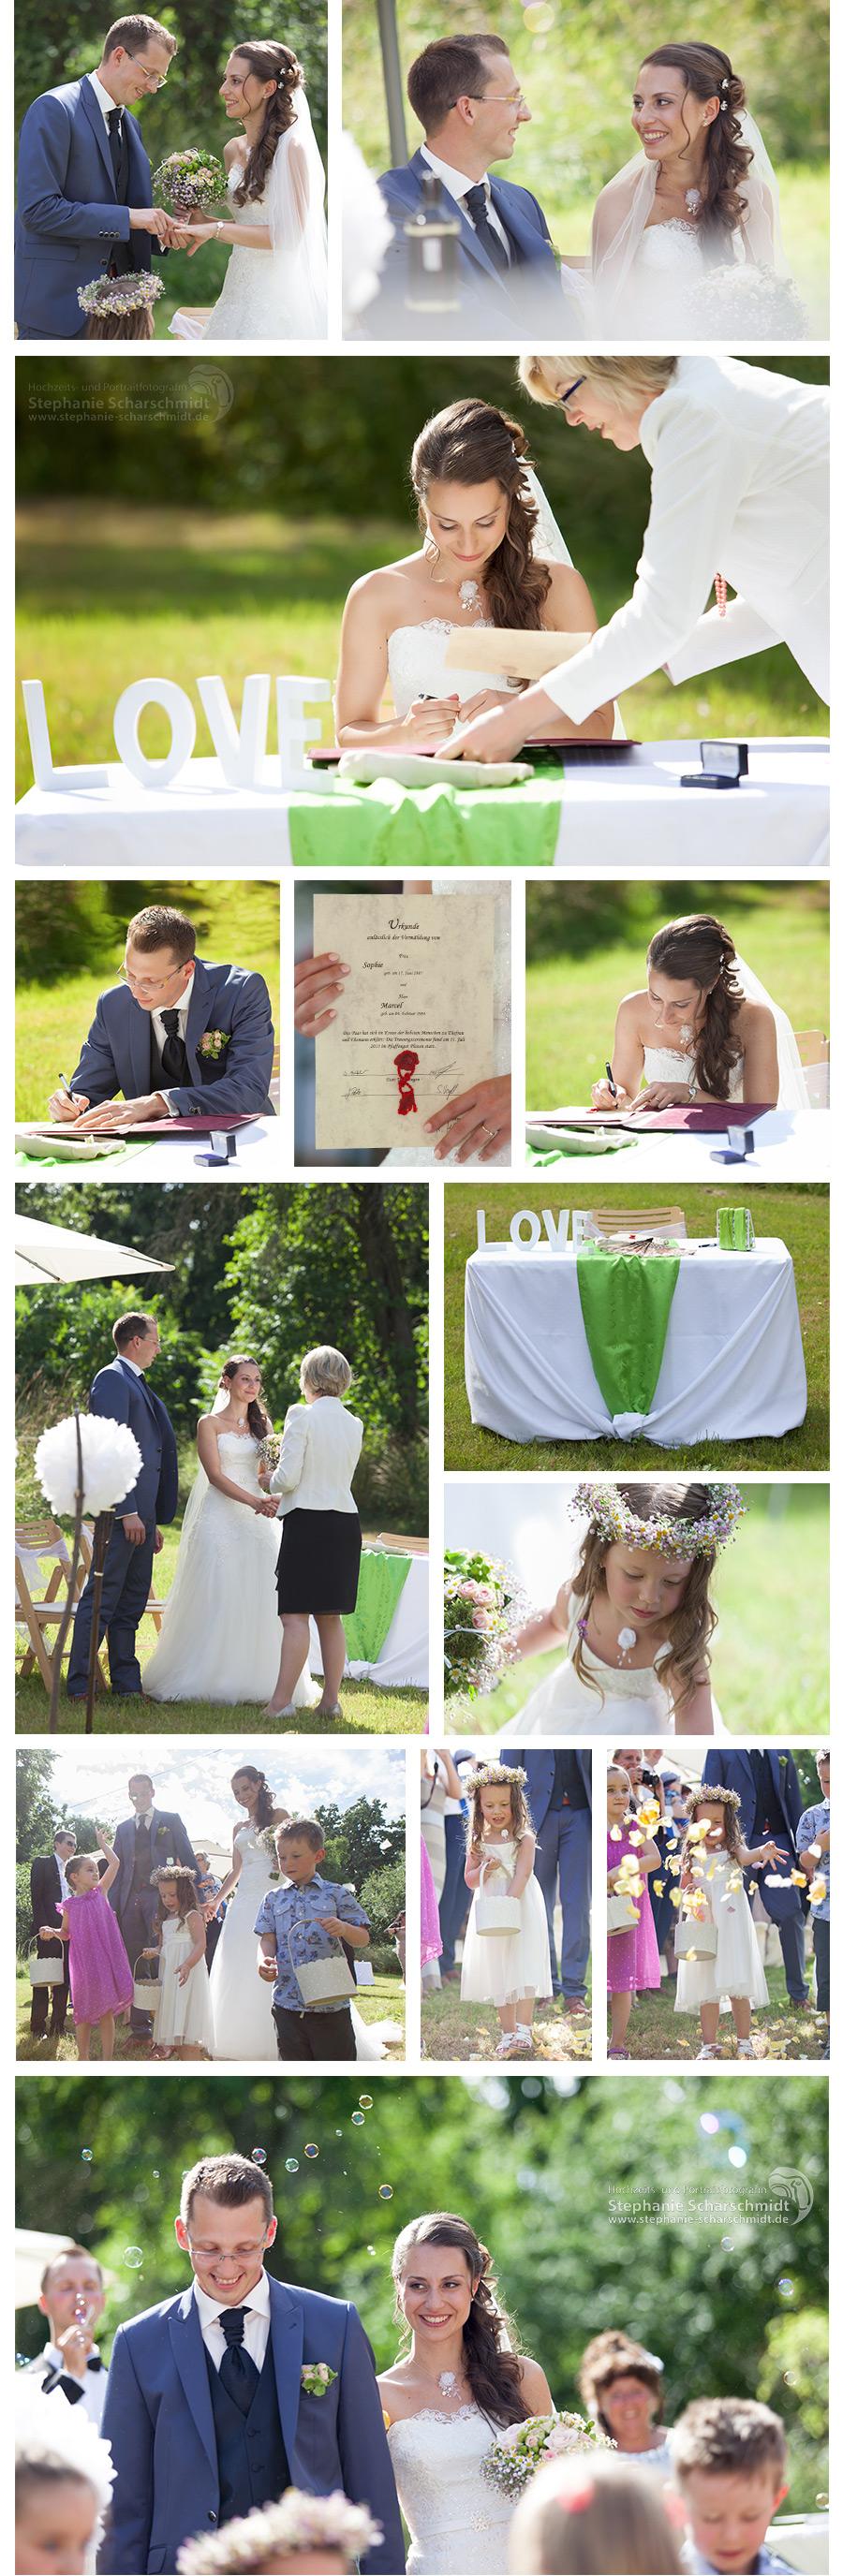 Freie Trauung - Frei Hochzeit - Pfaffengut Plauen - Feiern in Plauen – Brautpaar im Vogtland Hochzeits- und Portraitfotografin Stephanie Scharschmidt